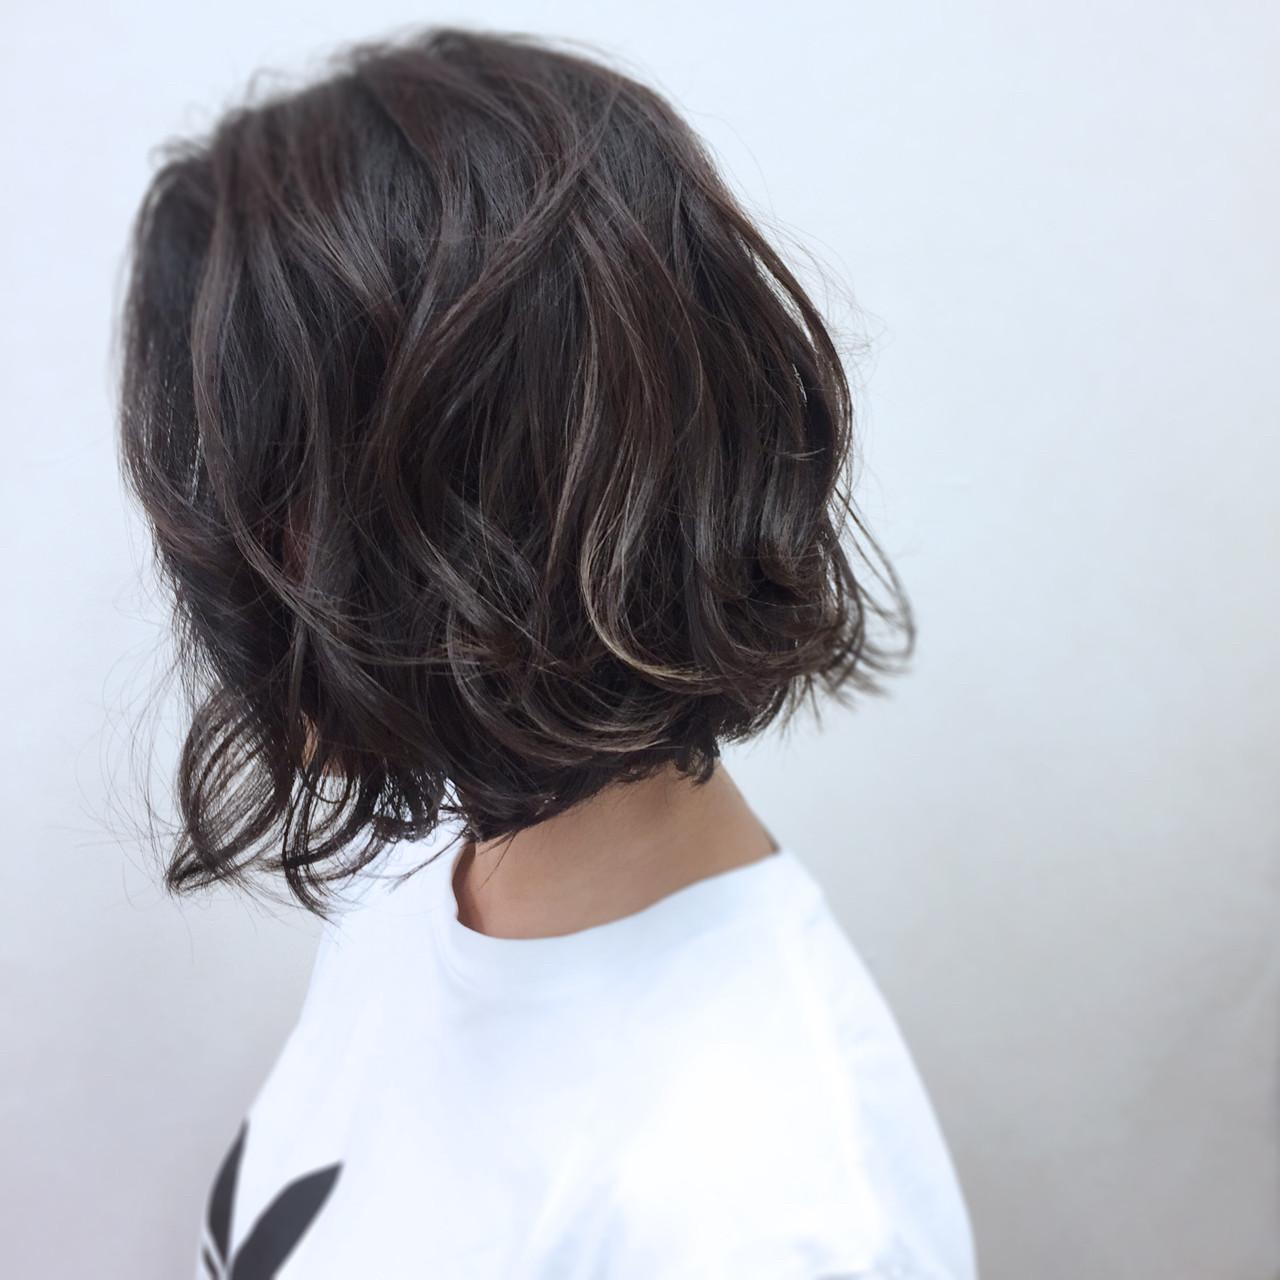 ウェーブ モード 暗髪 ウェットヘア ヘアスタイルや髪型の写真・画像